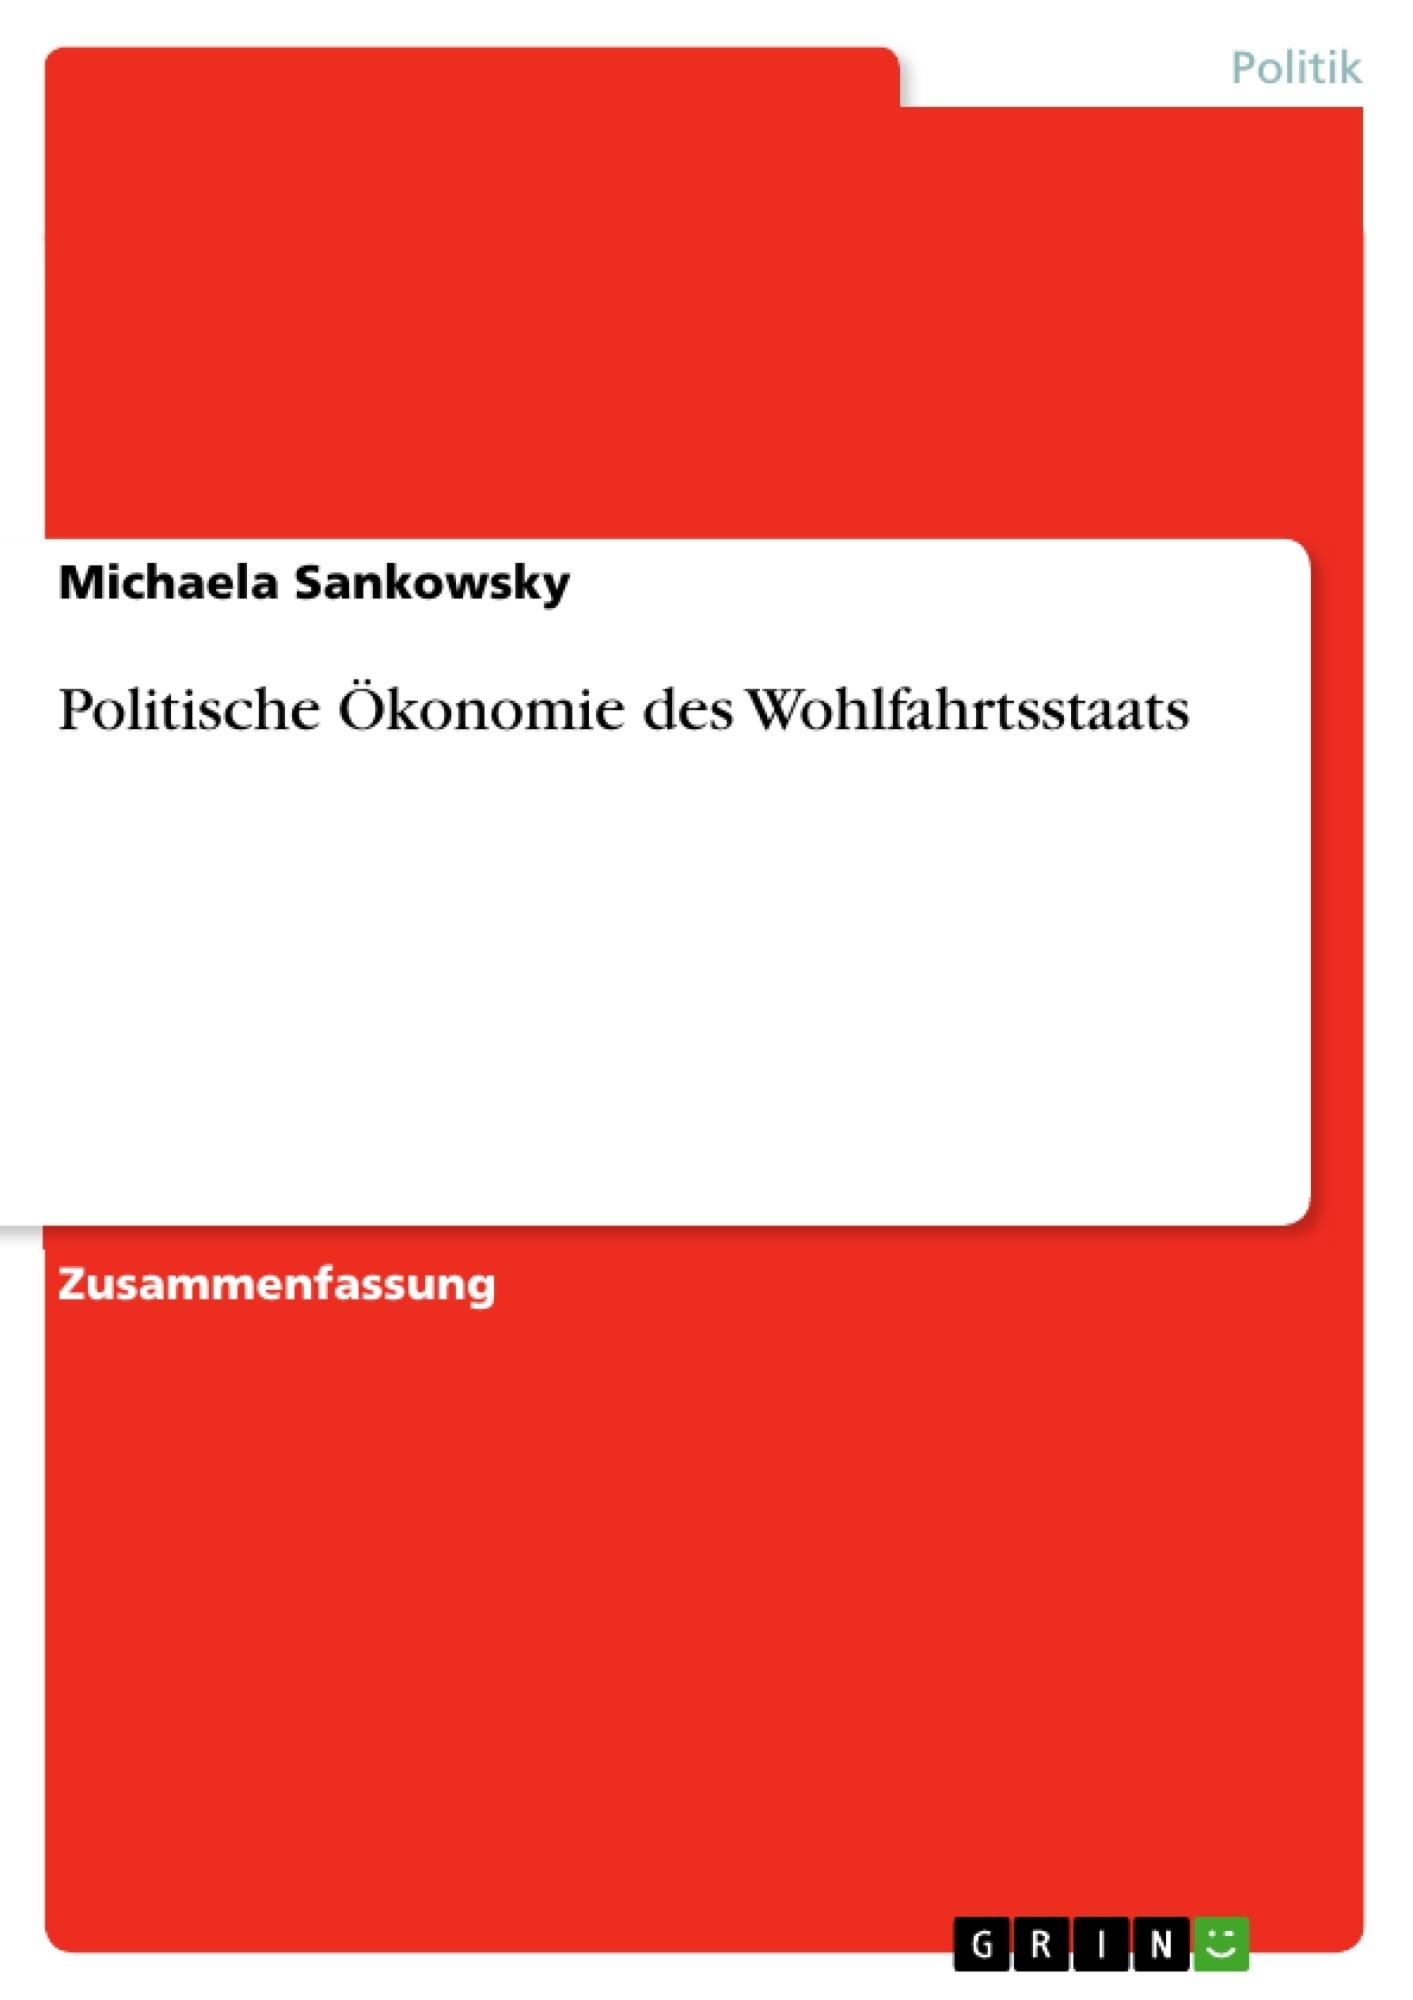 Titel: Politische Ökonomie des Wohlfahrtsstaats